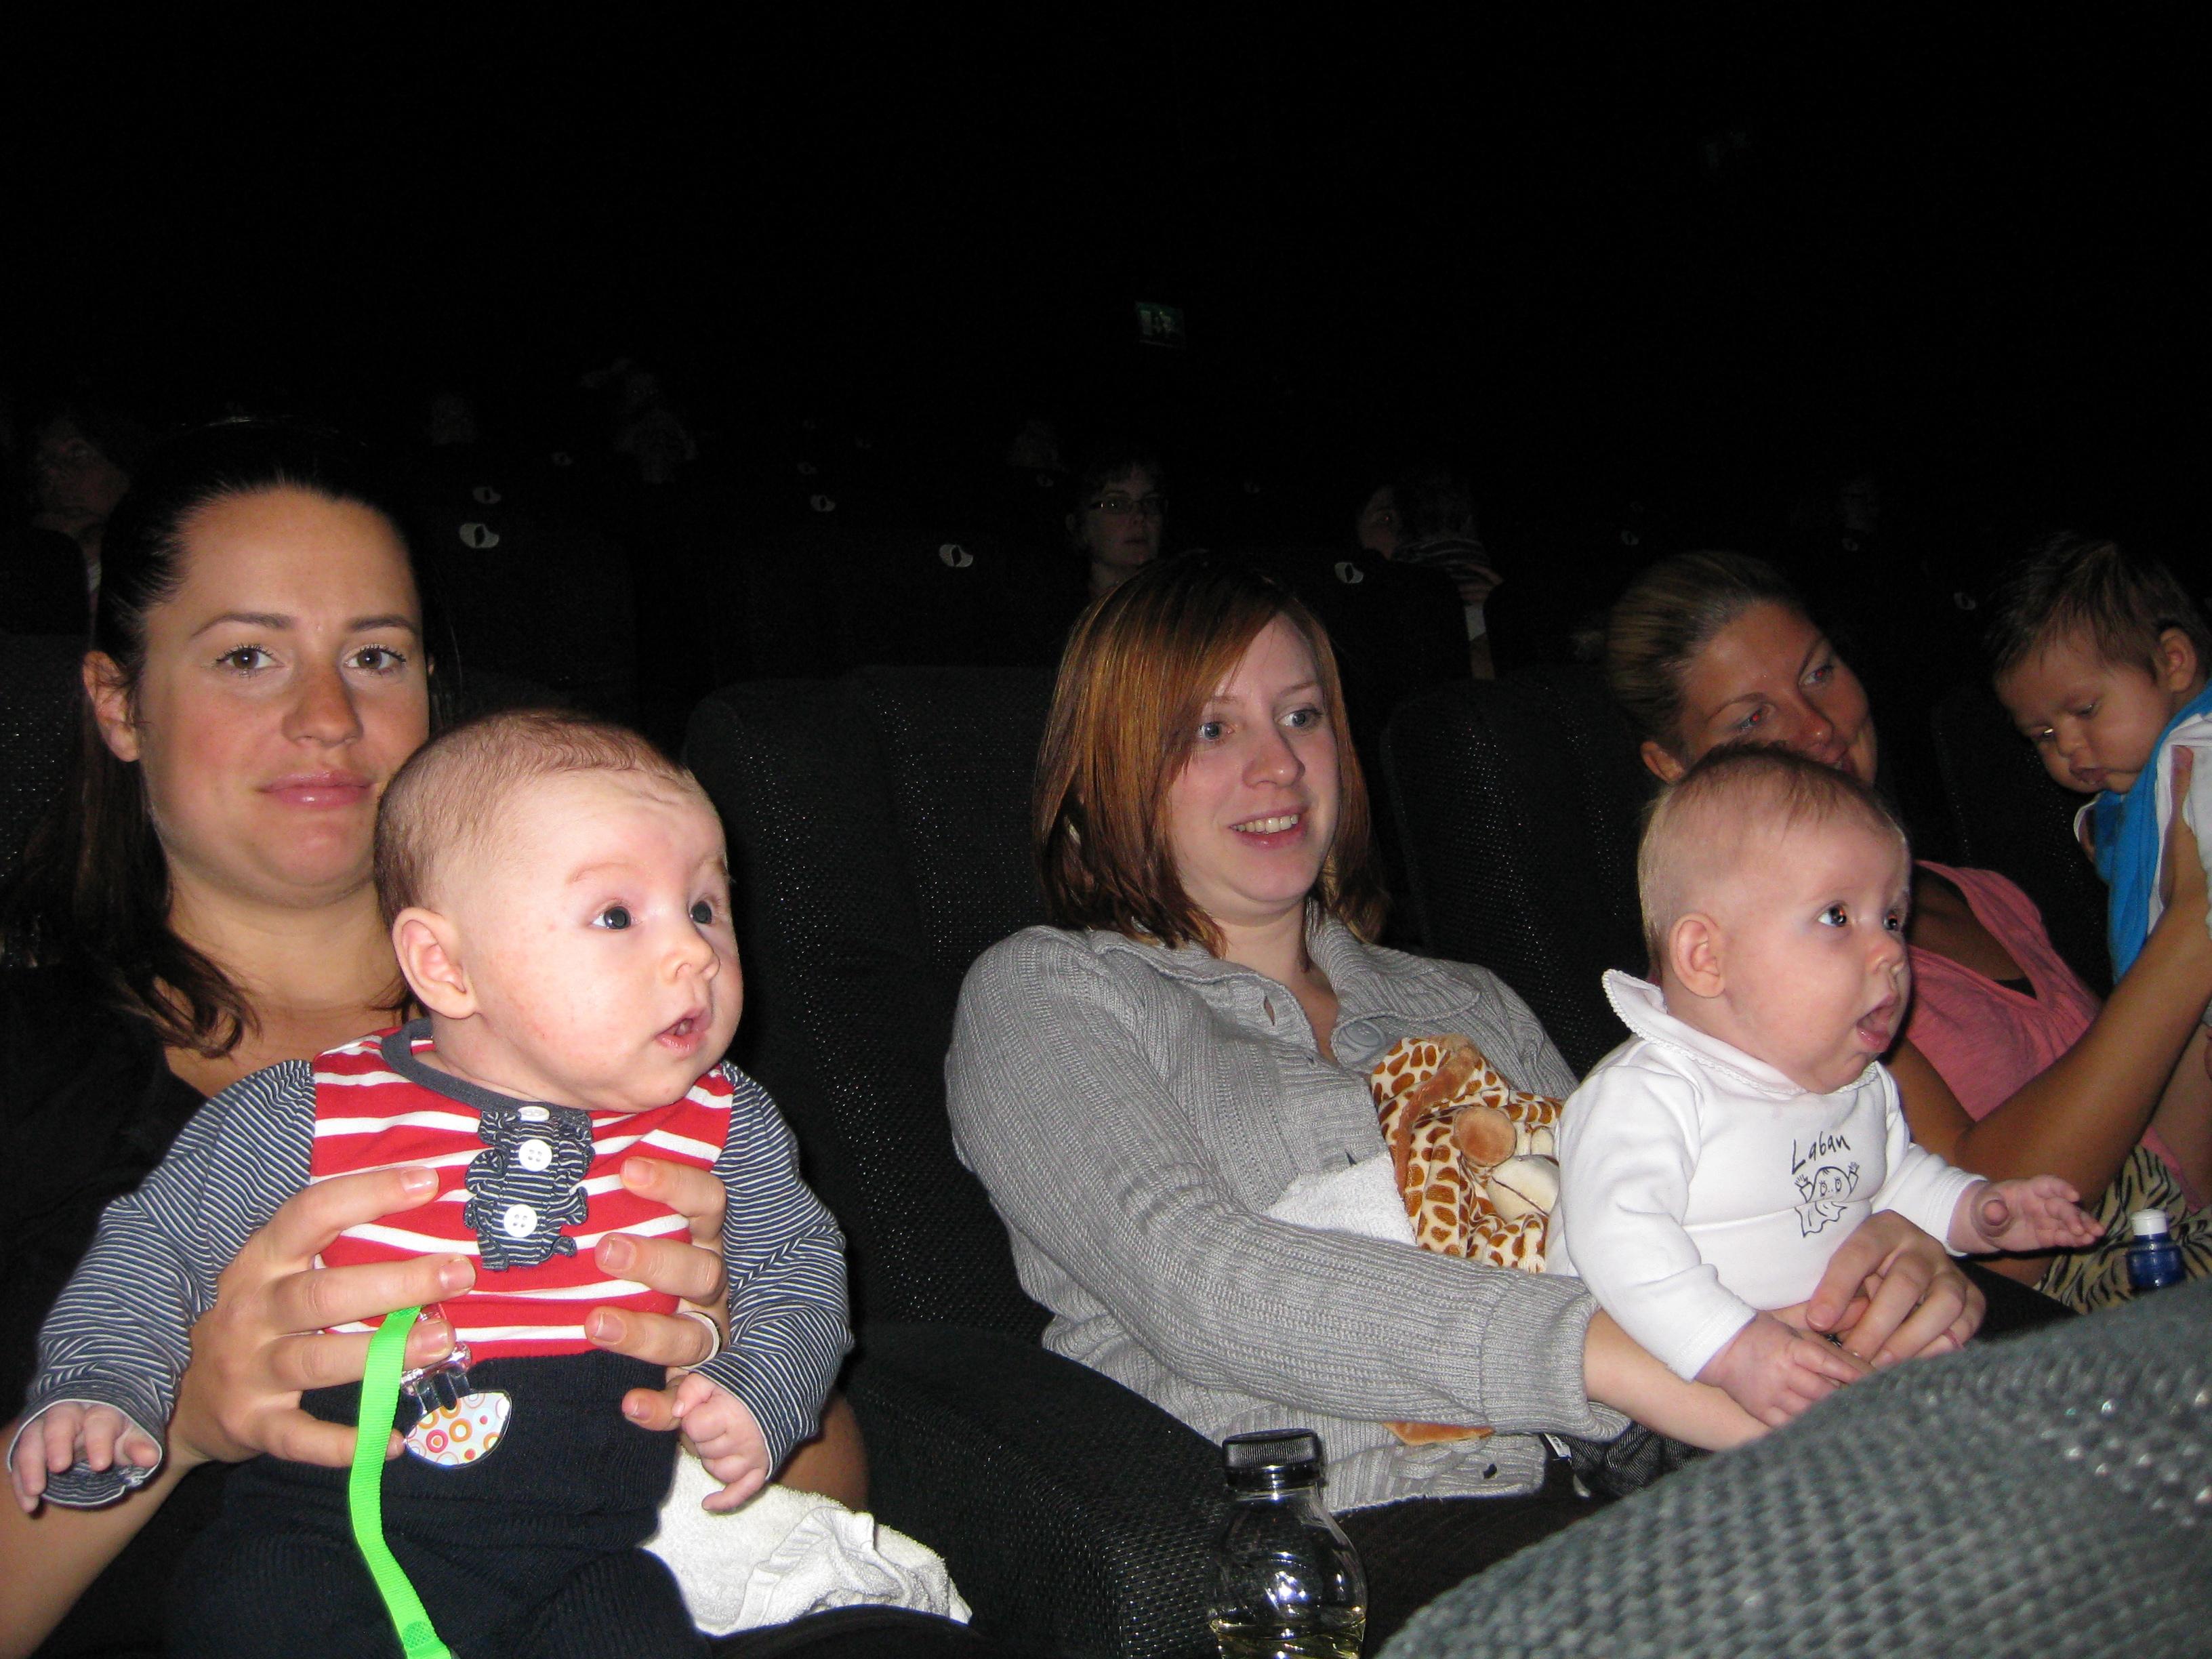 Idas Lykka och Alfvans Lilla A var helt tagna av filmen; vilket mästerverk! Sandra och hennes Benjamin har fokus på annat!